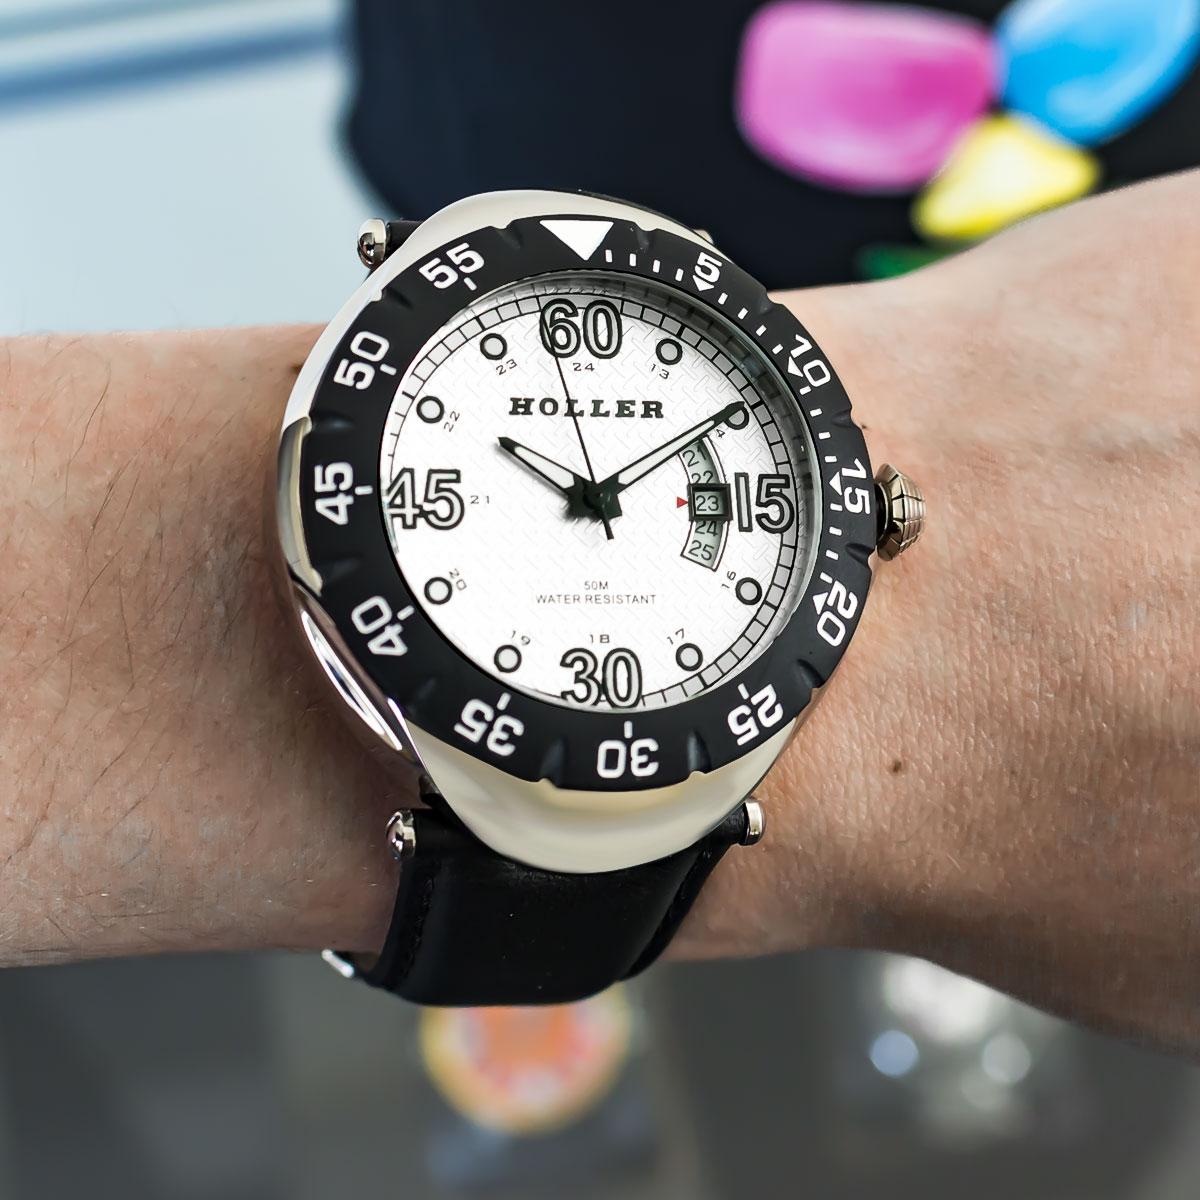 Goldwax Silver Watch